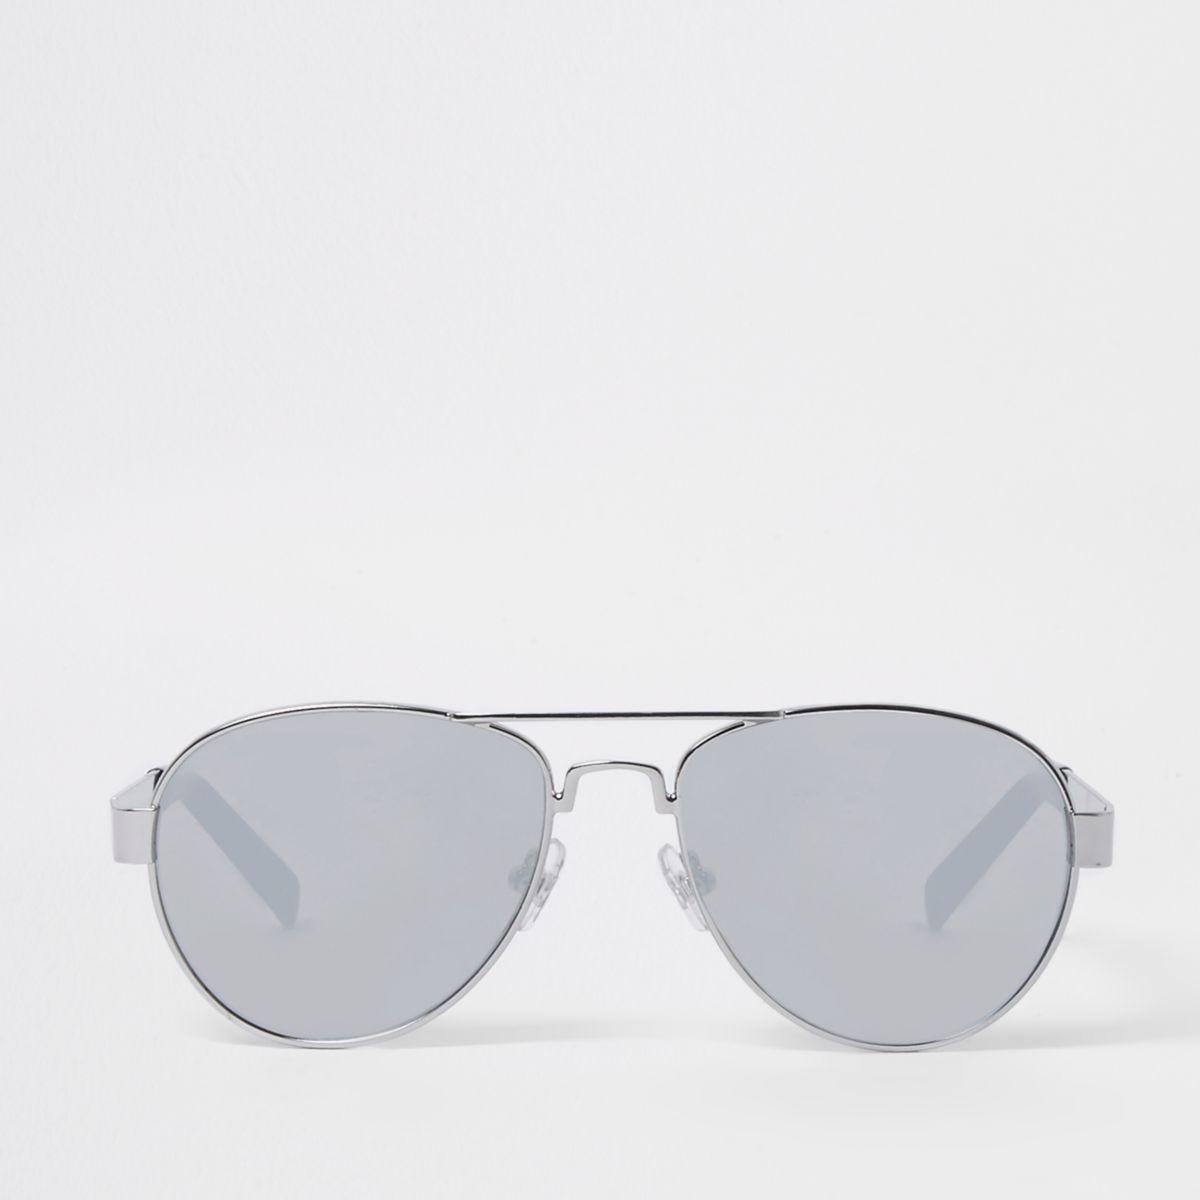 Boys silver tone aviator mirror sunglasses